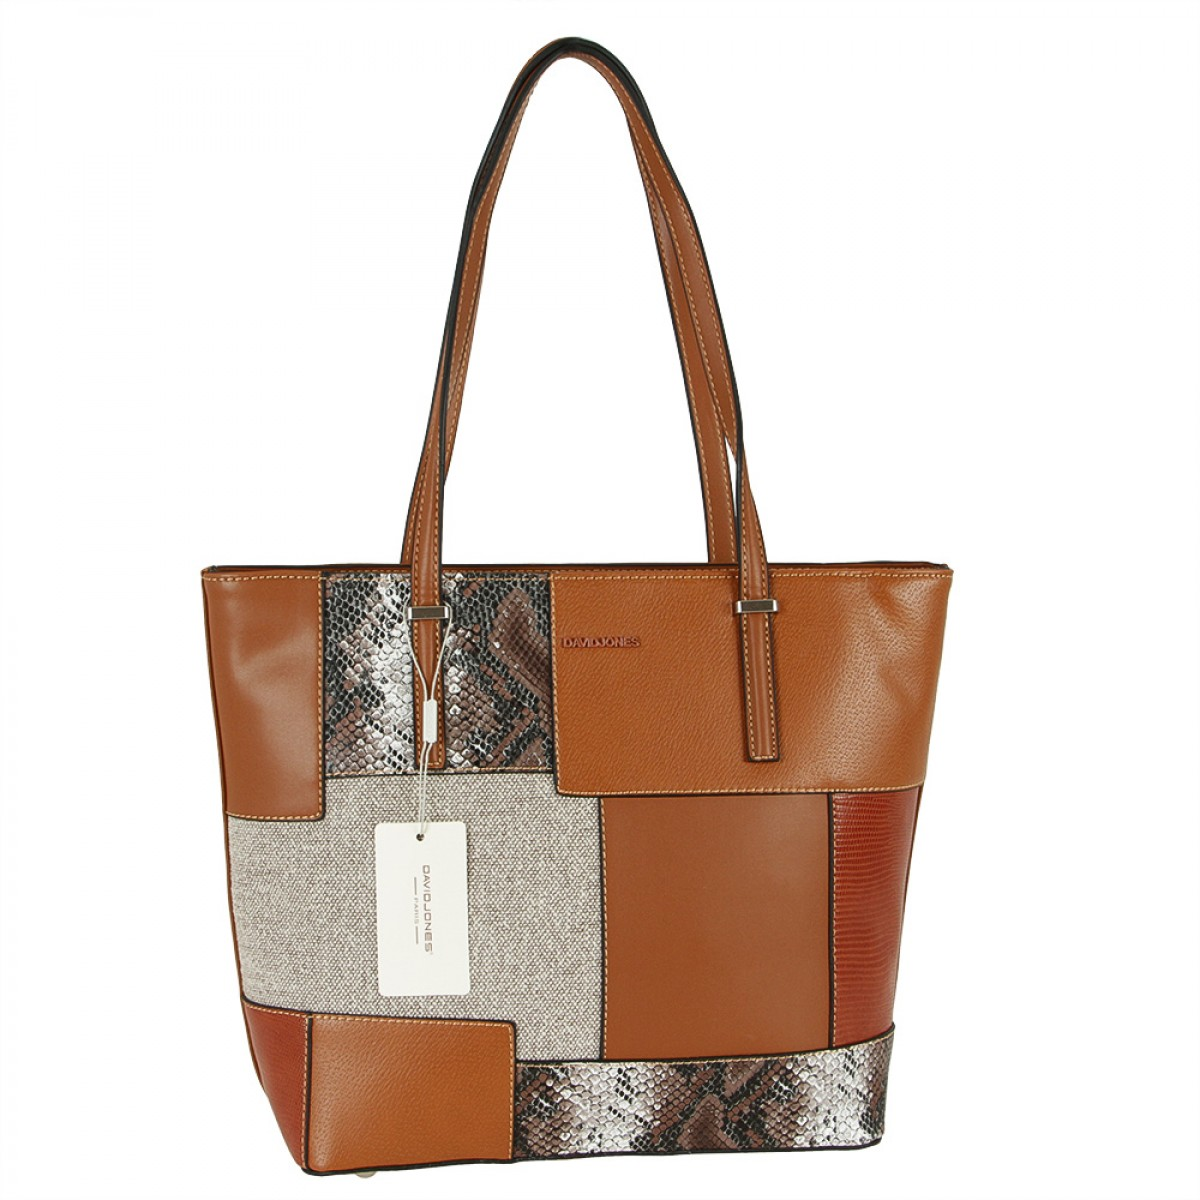 Жіноча сумка David Jones 6279-2 COGNAC